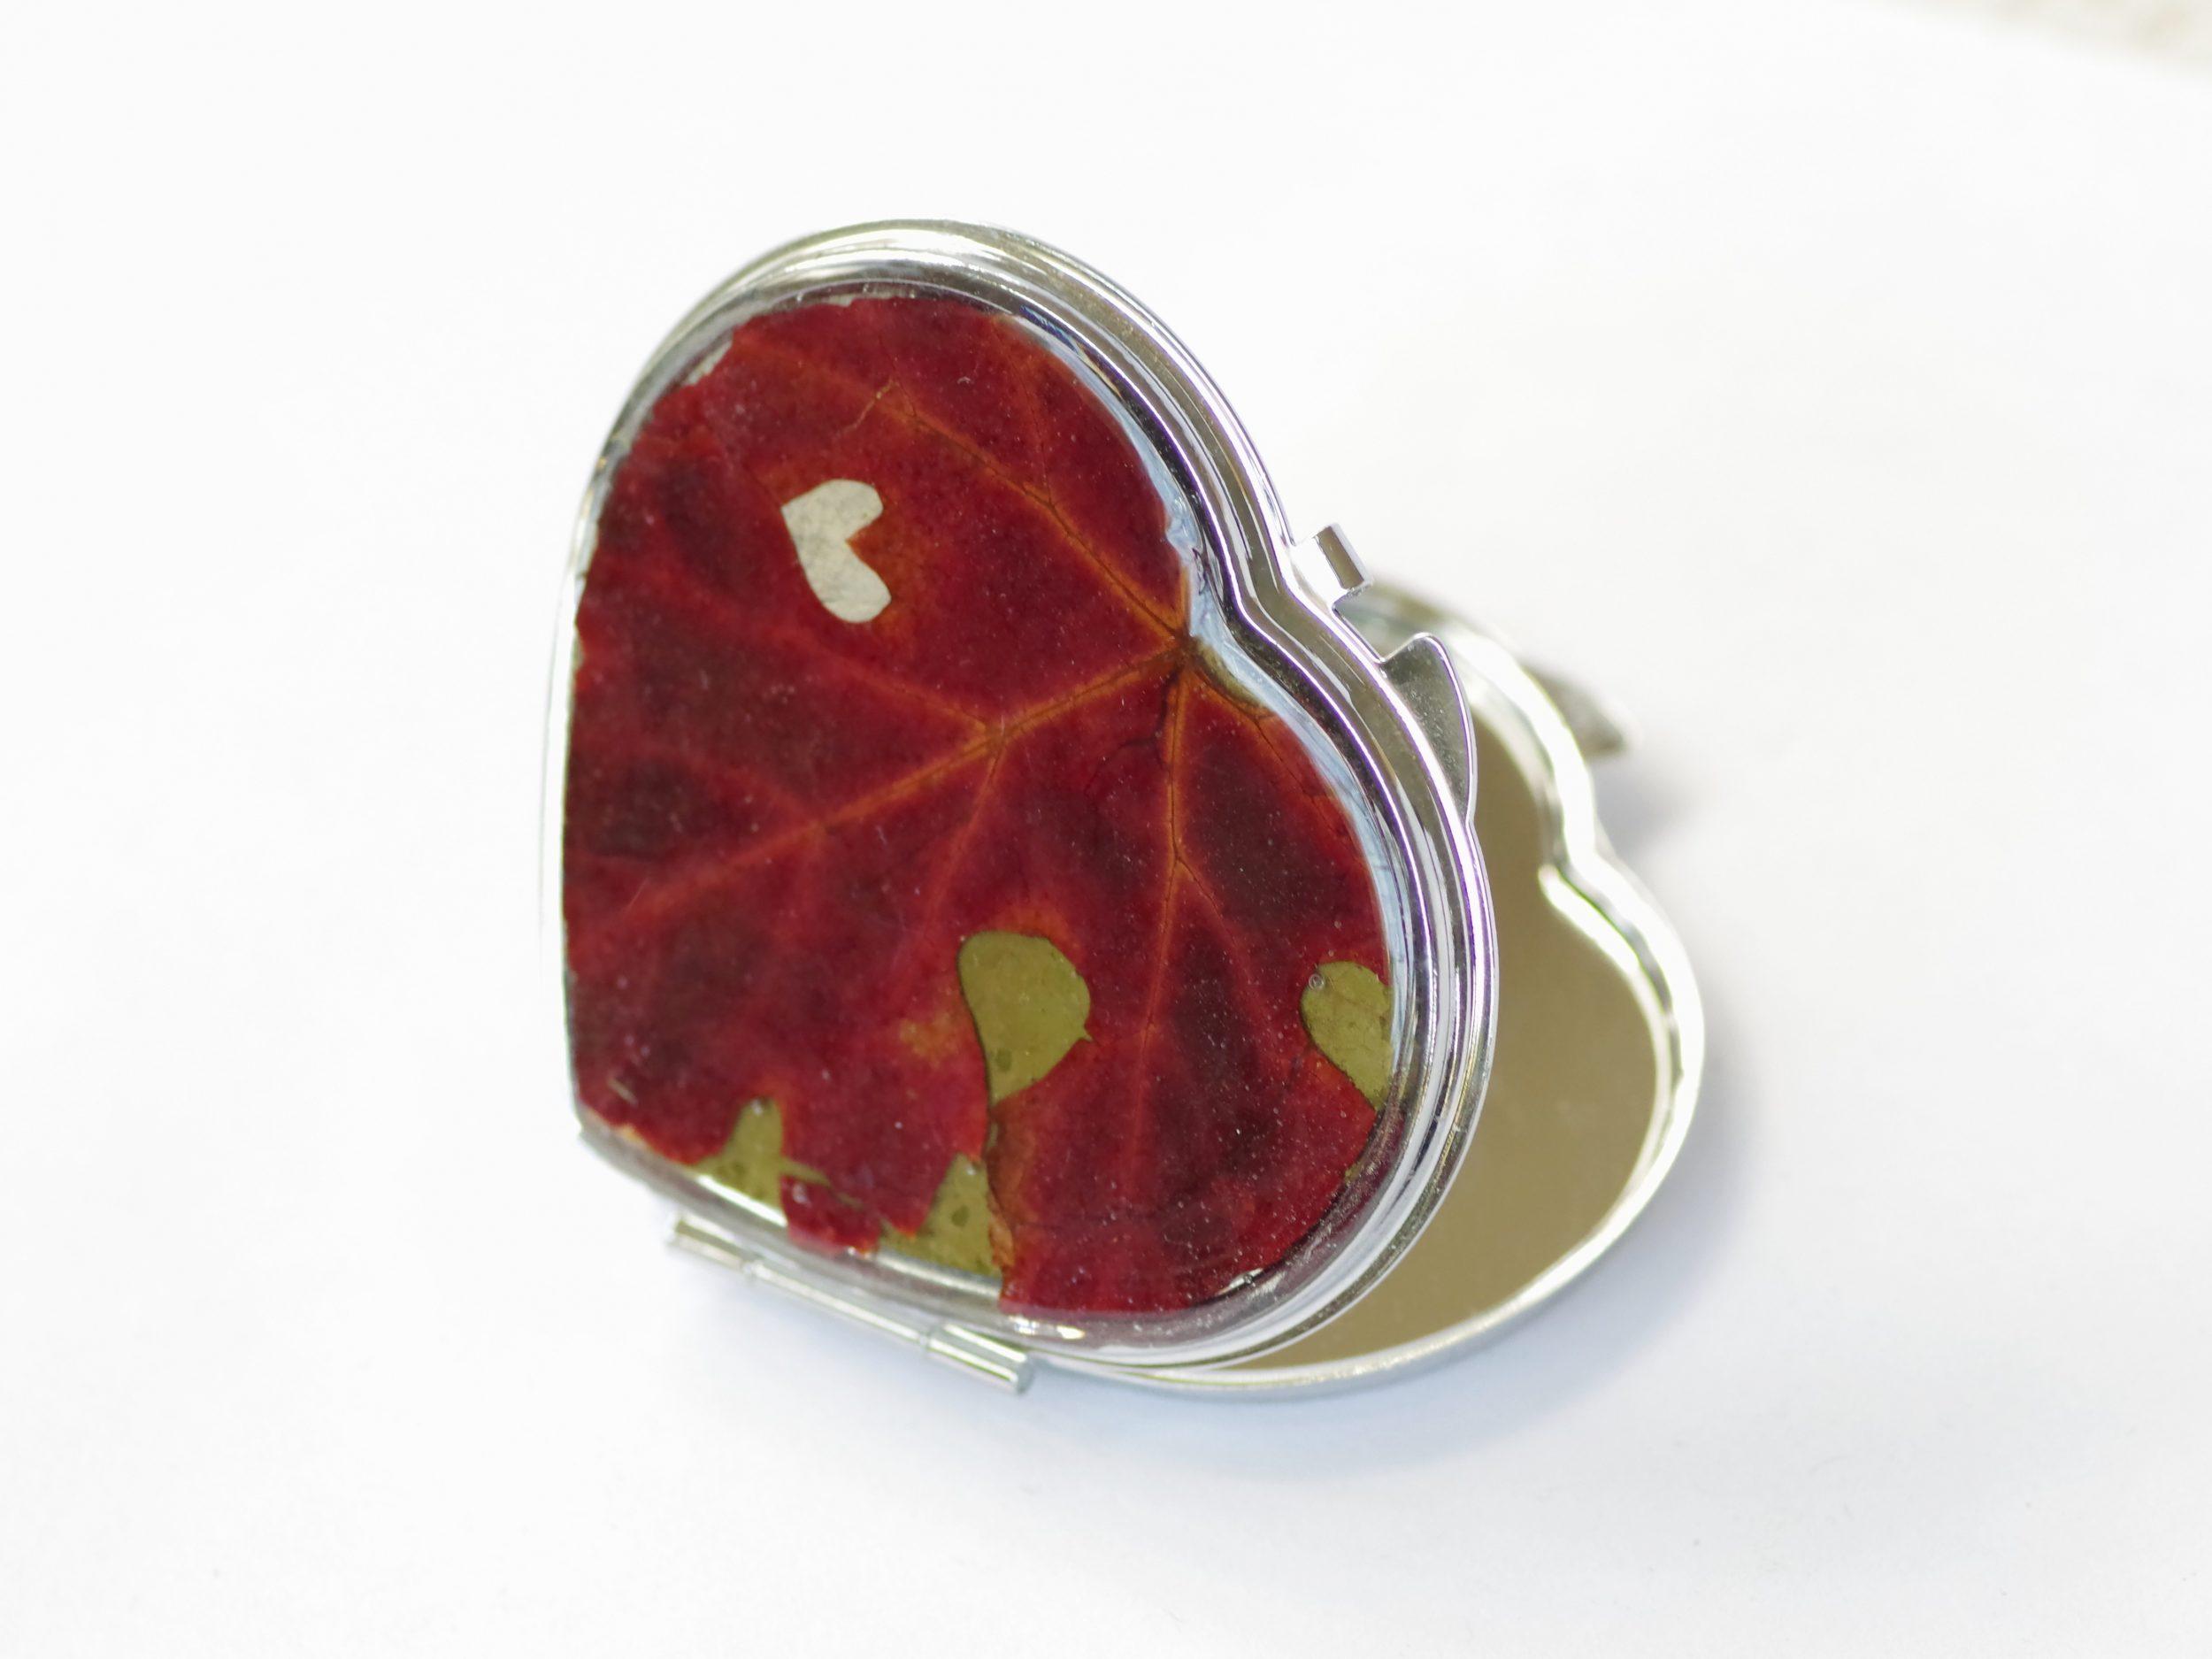 miroir de poche en forme de coeur décoré d'une très belle feuille de vigne rouge avec une petite échancrure naturelle en forme de petit coeur